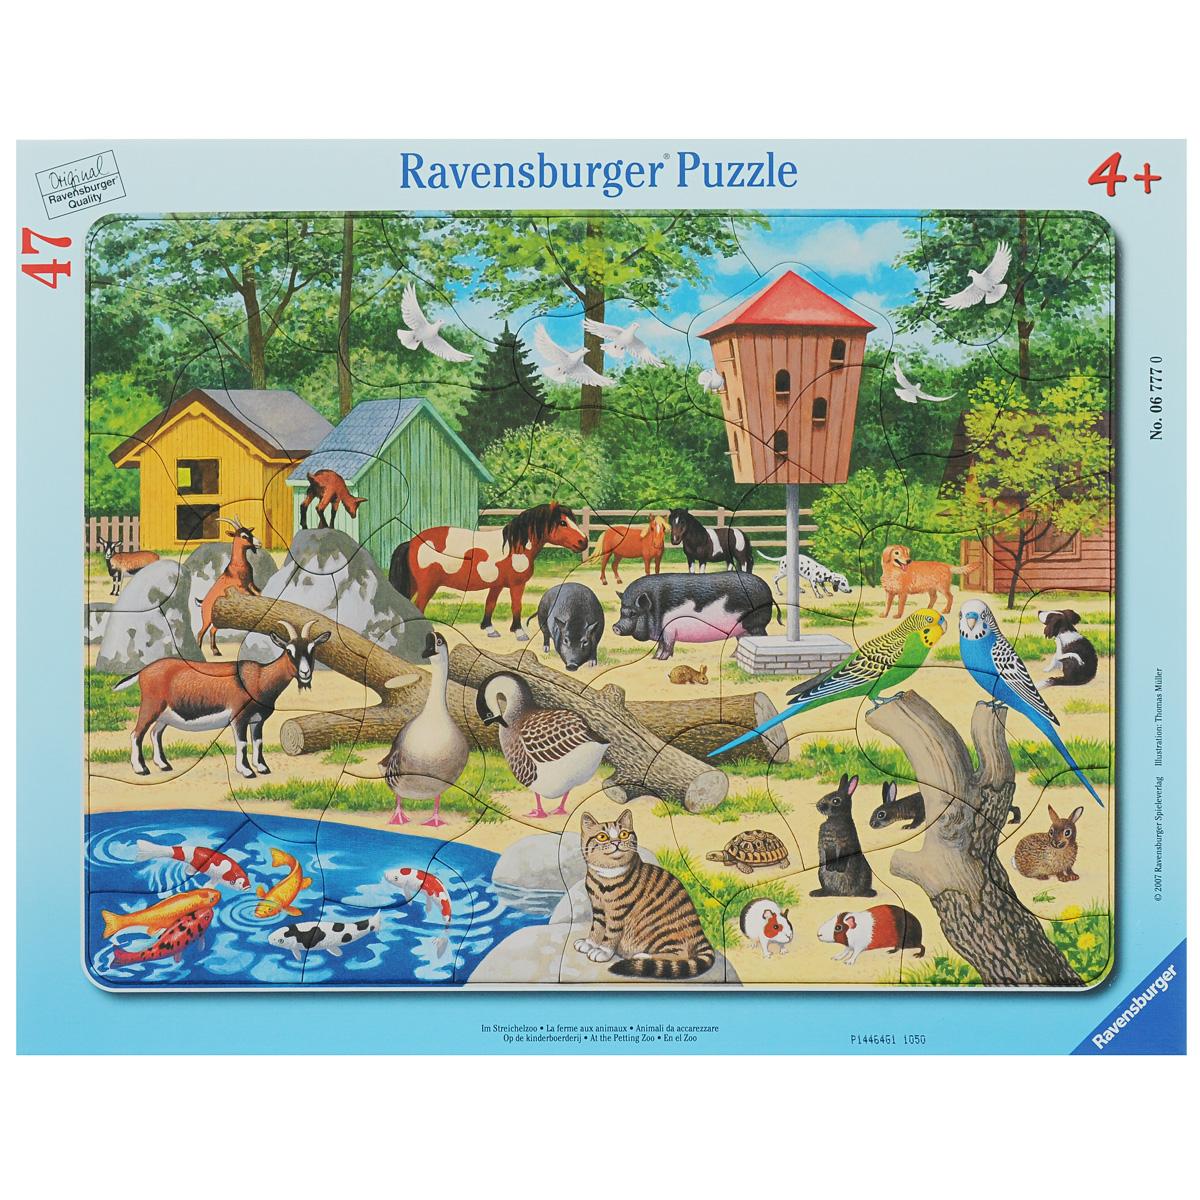 Ravensburger В детском зоопарке. Пазл, 47 элементов ravensburger историческая карта пазл 5000 элементов